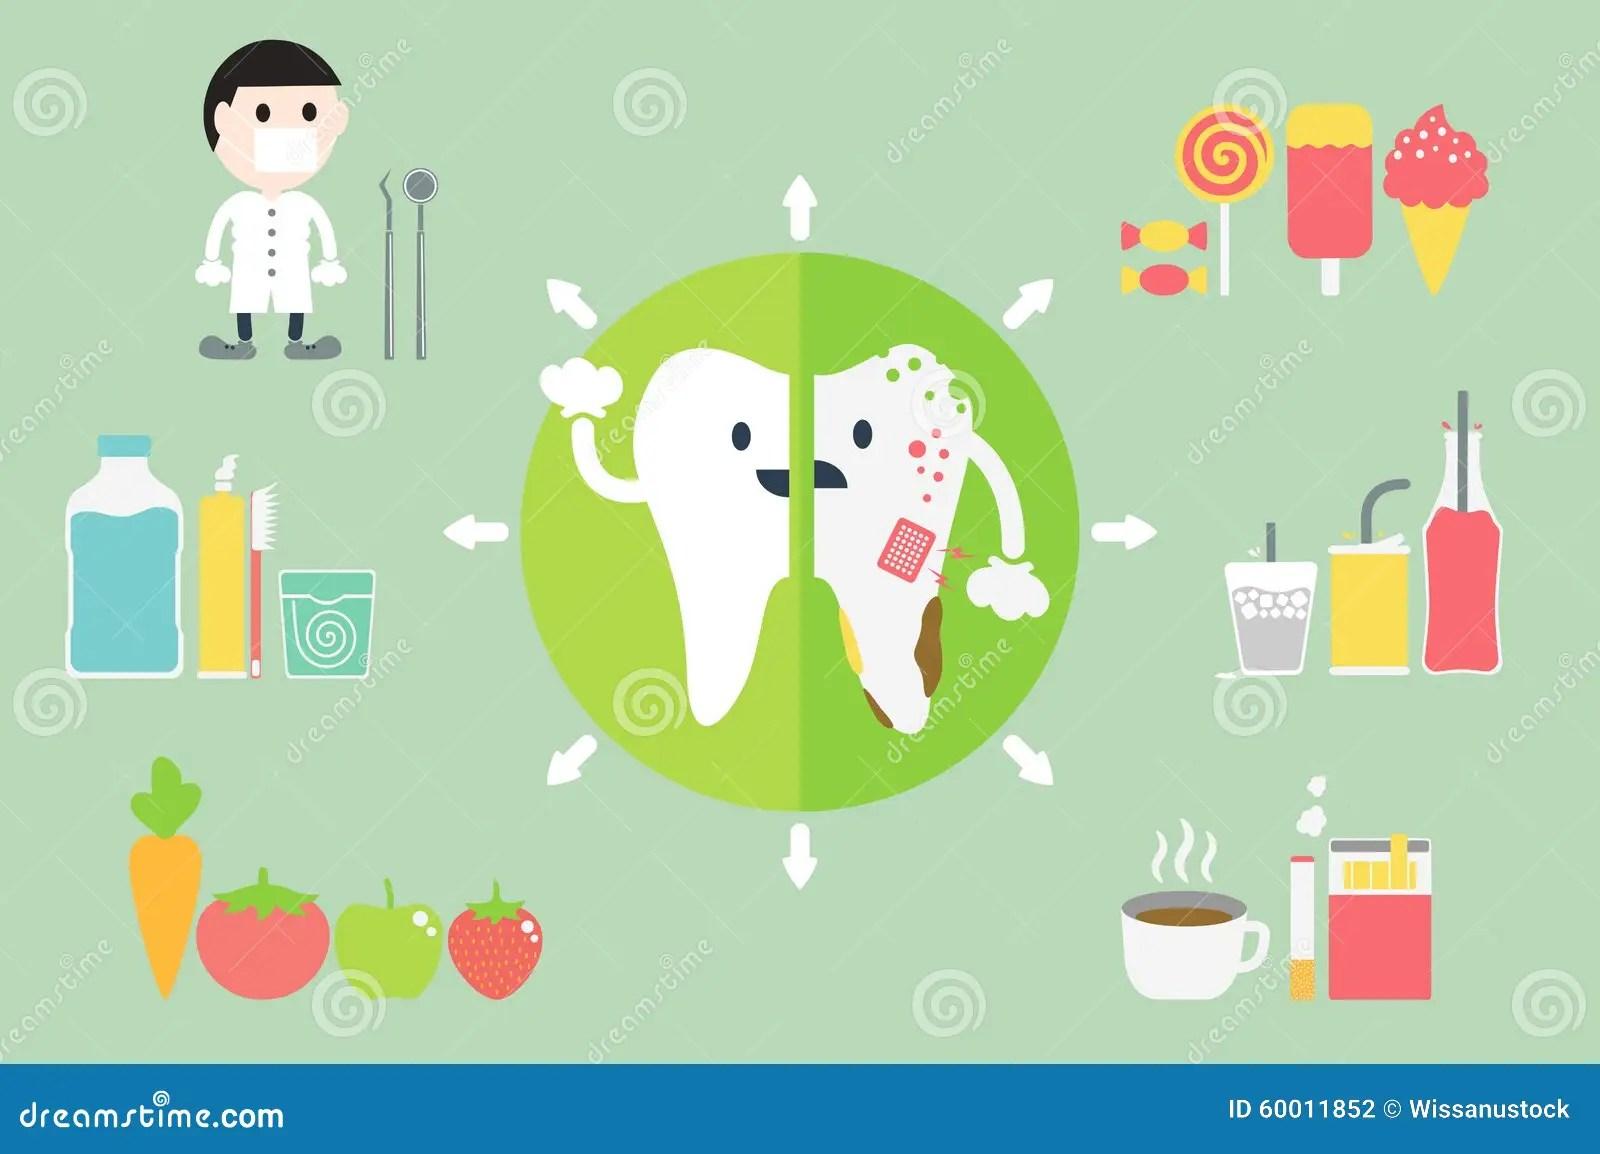 Comparison Healthy And Unhealthy Teeth Stock Vector